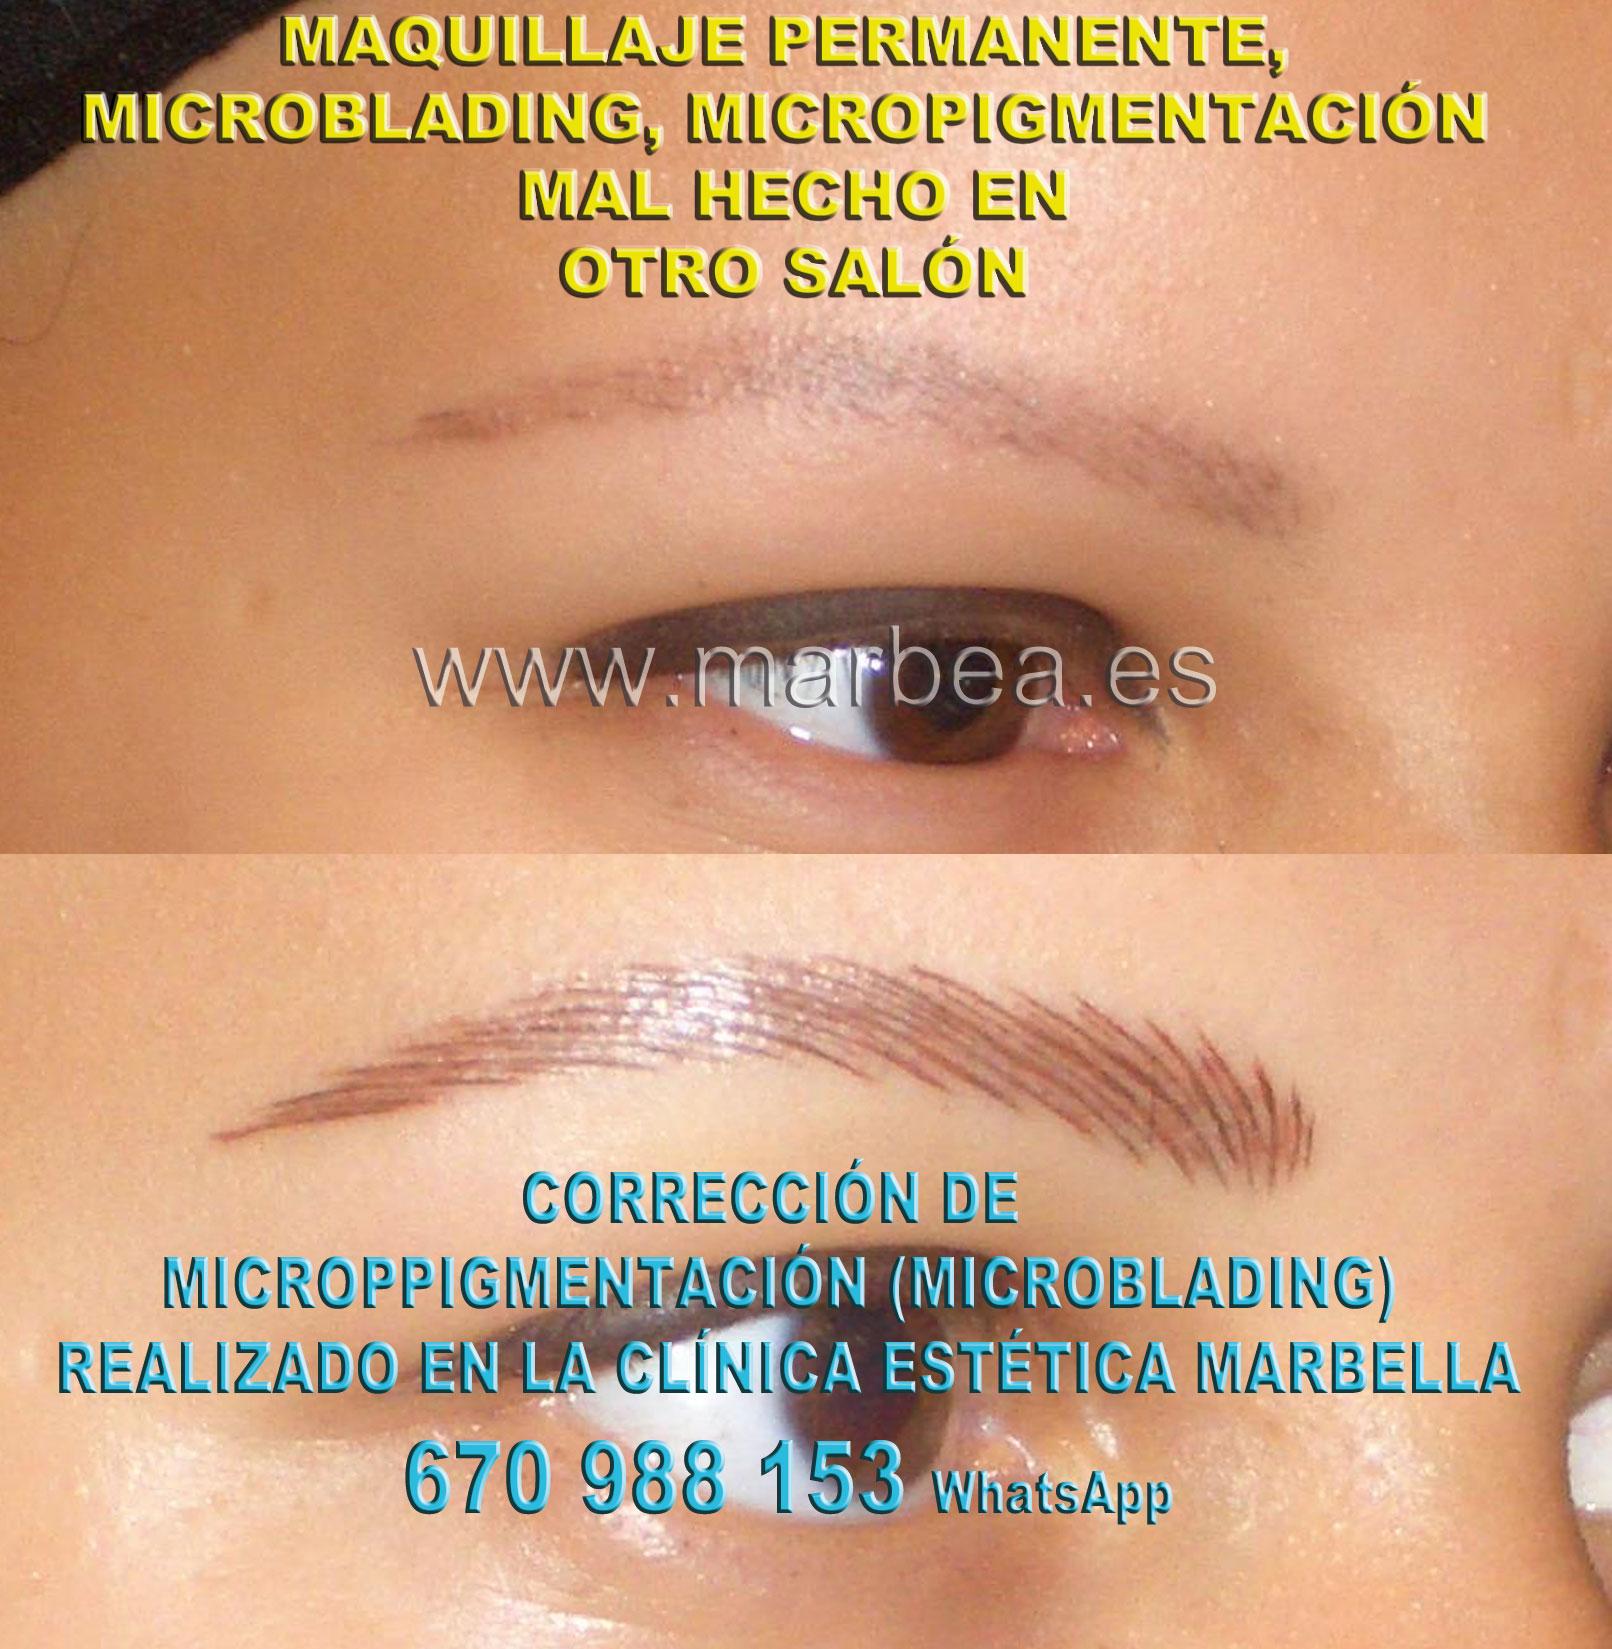 Borrar maquillaje permanente mal hecha clínica estética tatuaje propone corrección de micropigmentación en cejas,corregir micropigmentación mal hecha